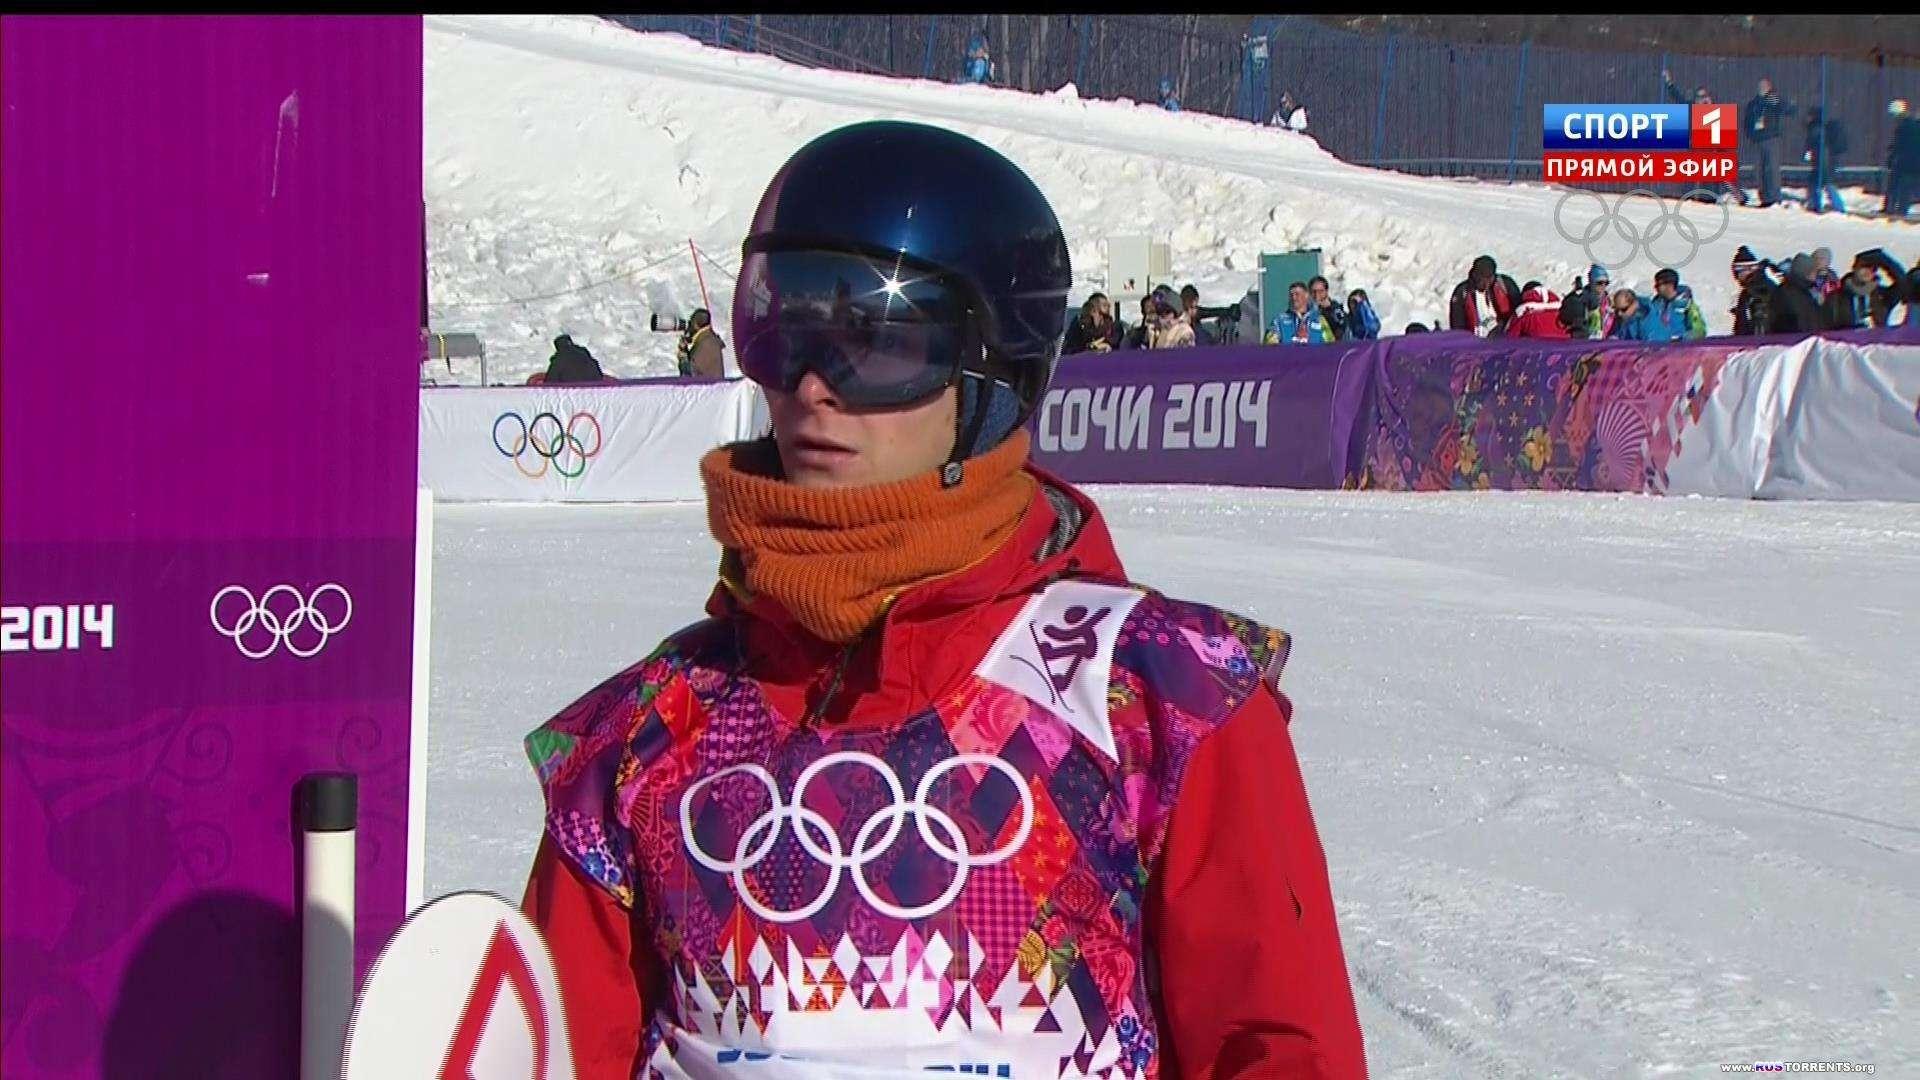 XXII Зимние Олимпийские игры. Сноуборд. Слоупстайл. Мужчины. 1/2 финала [Спорт 1 HD] [08.02] | HDTV 1080i